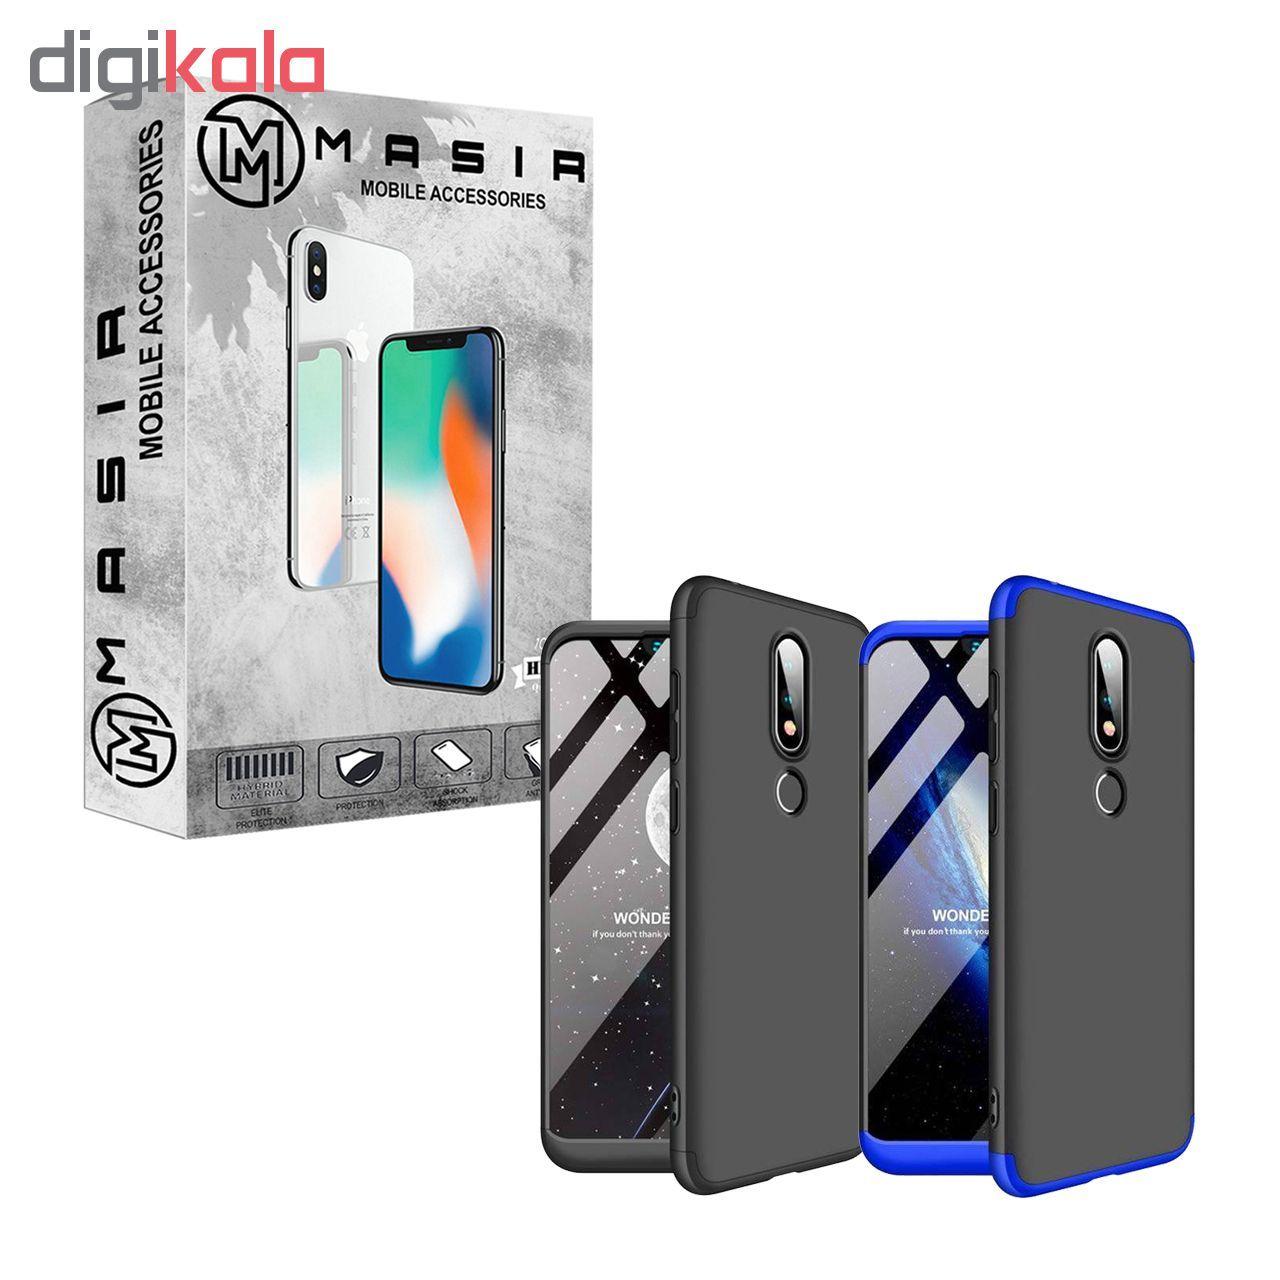 کاور 360 درجه مسیر مدل MGKS6-1 مناسب برای گوشی موبایل نوکیا X6 / 6.1 Plus main 1 1